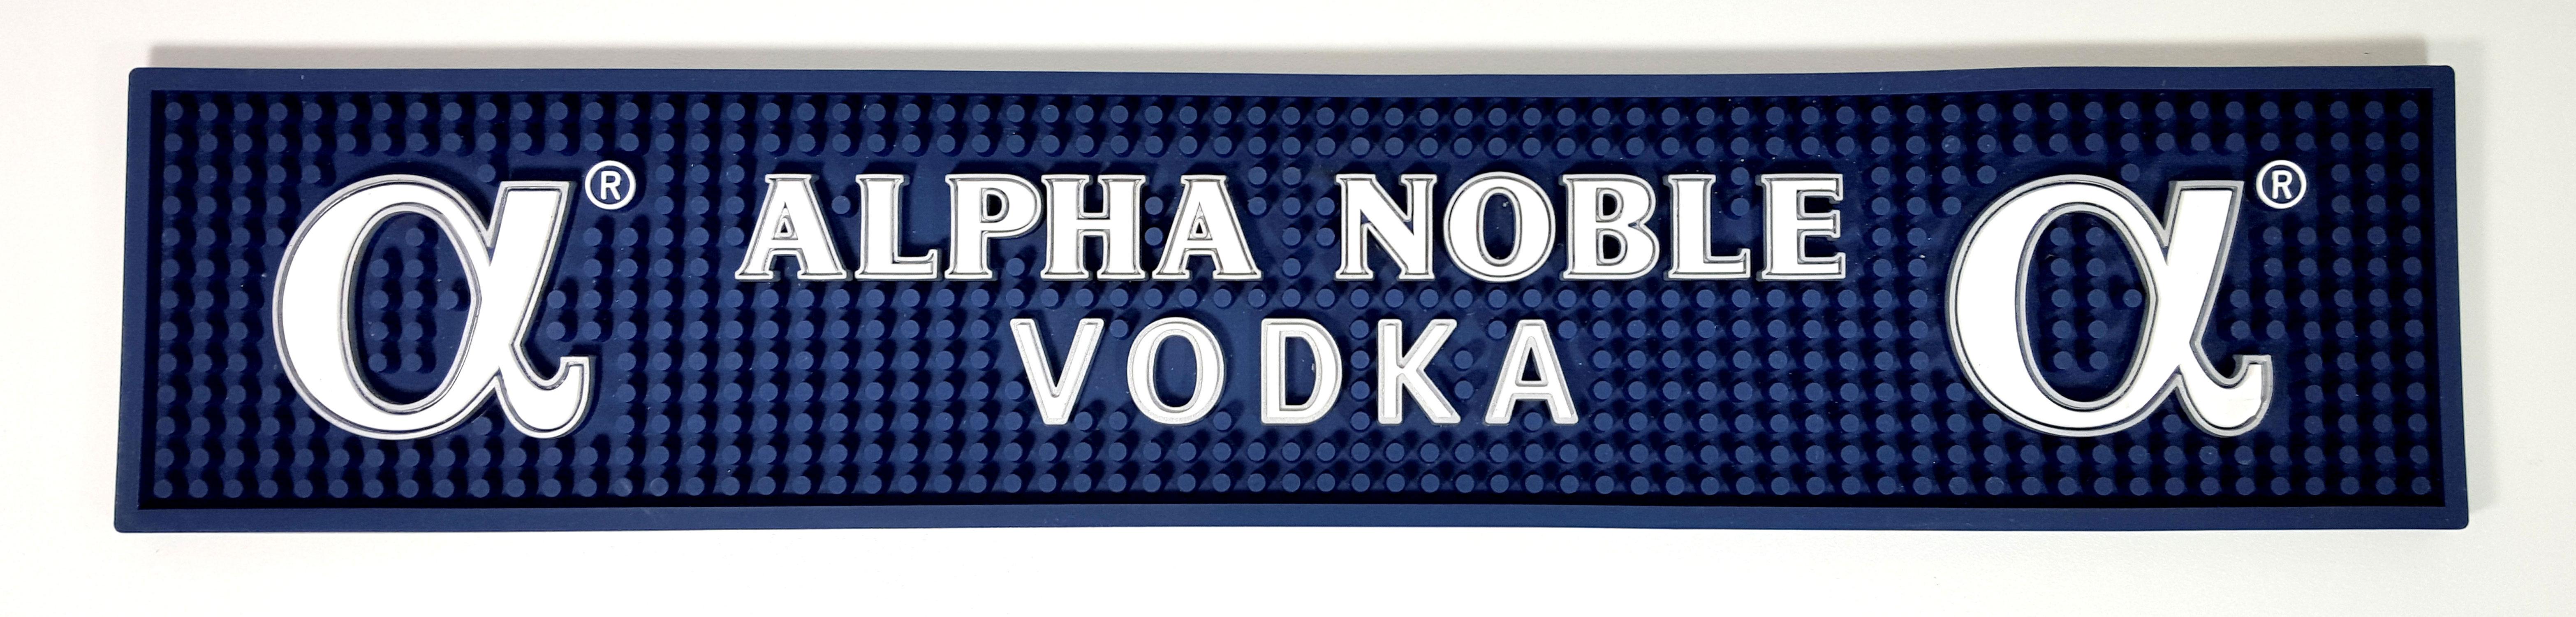 Alpha Noble Vodka Barmatte 49,8 x 9,8 cm